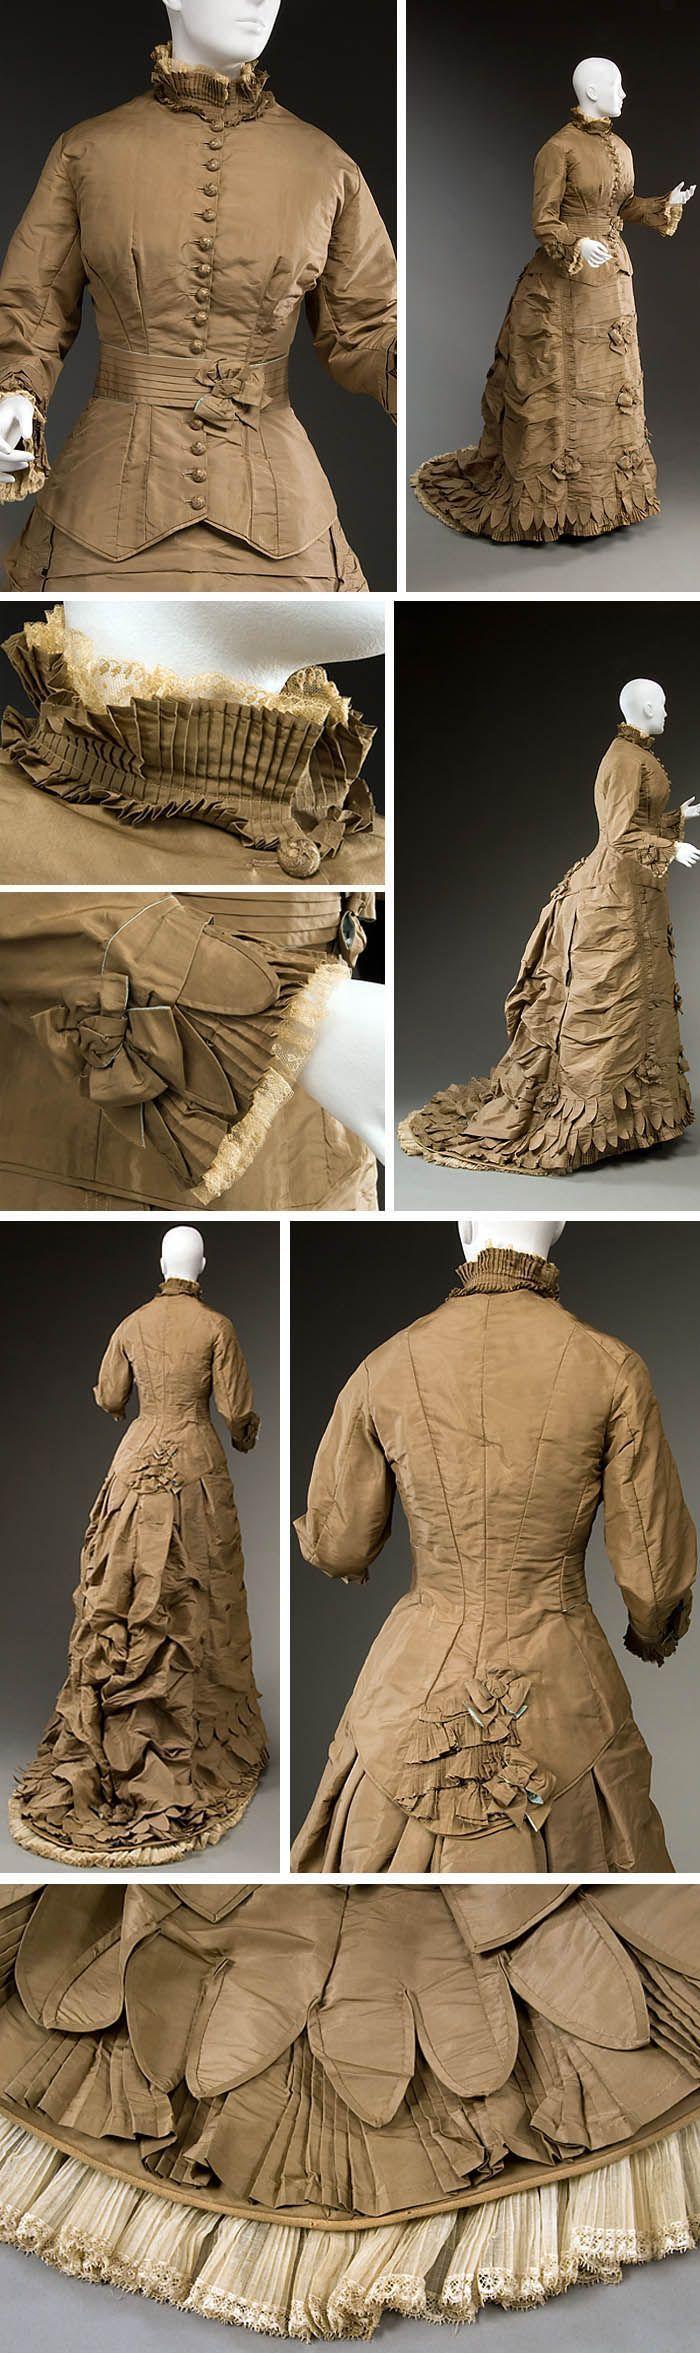 Vestido de novia en seda marron y encajes us fashion